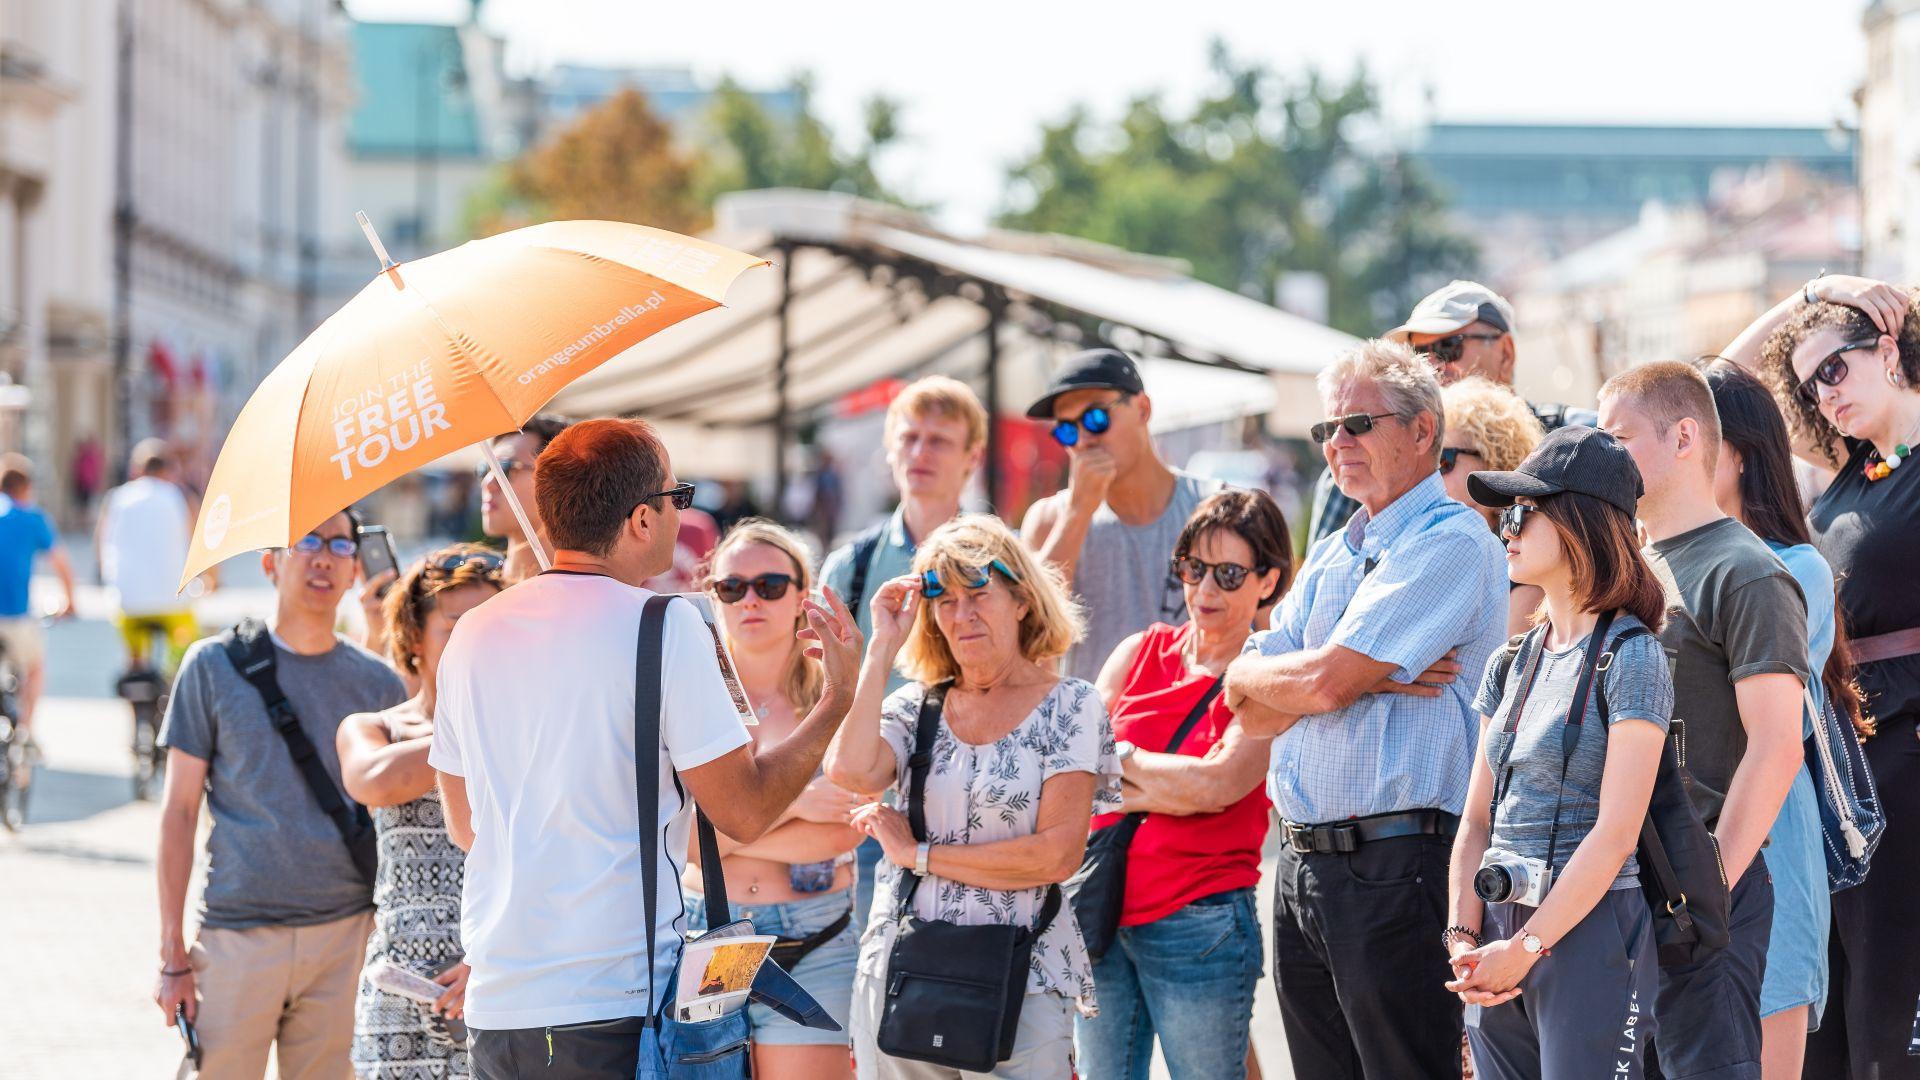 Екскурзоводите искат туристическа полиция по западен модел